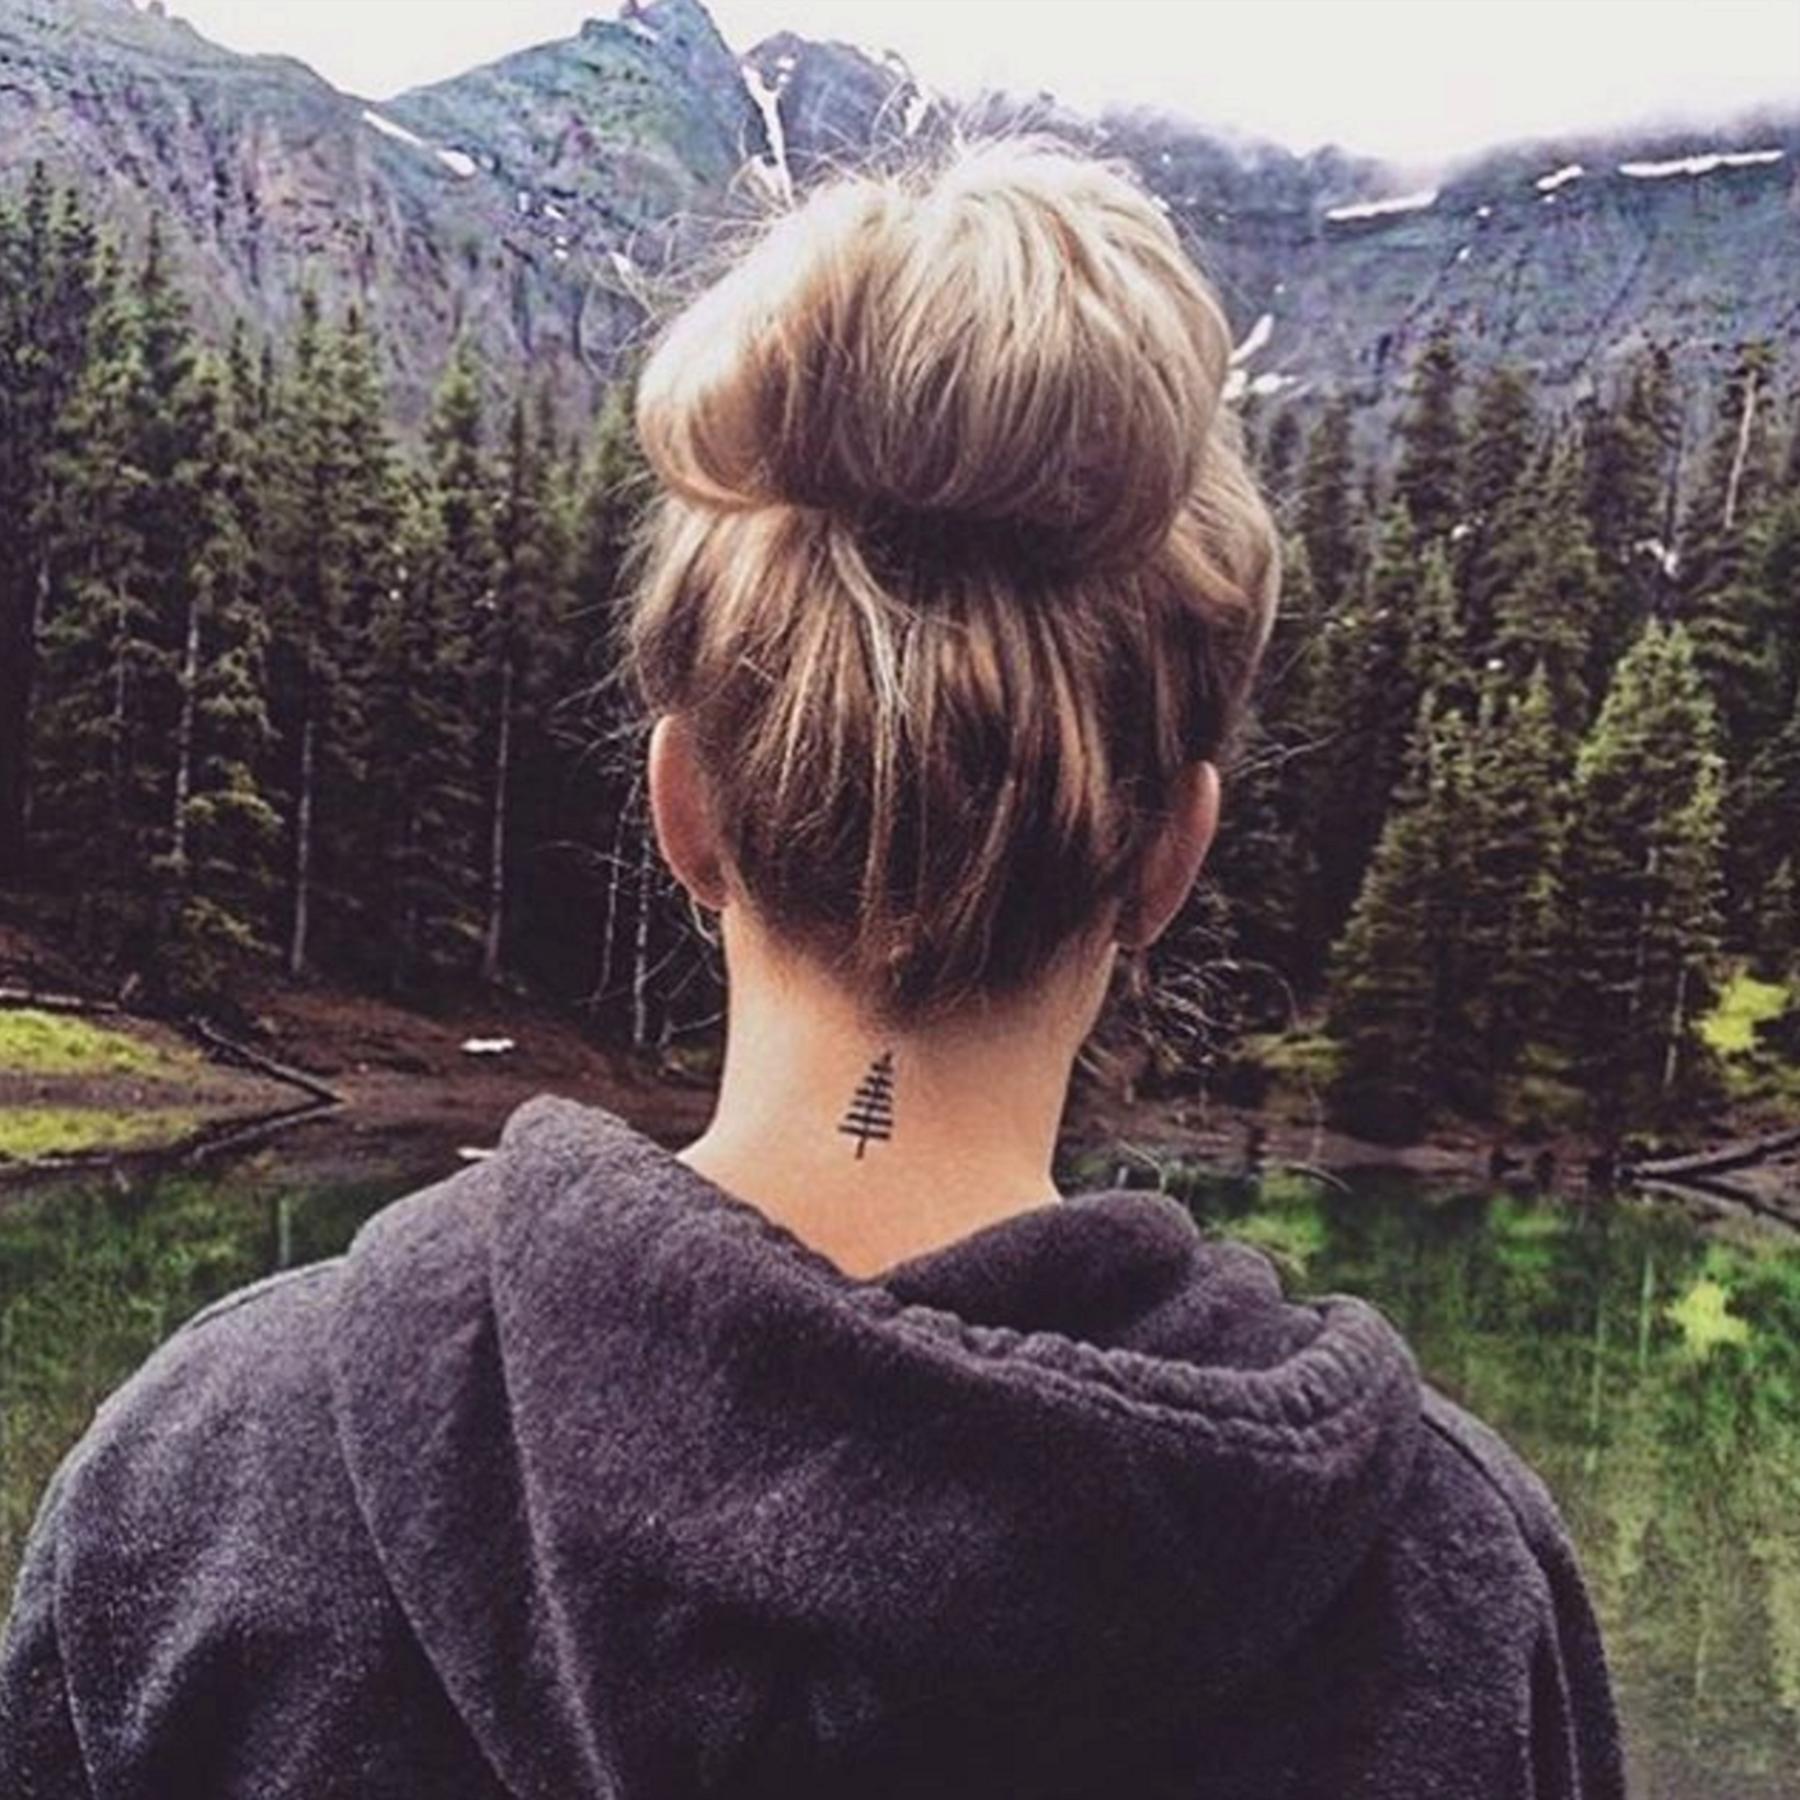 Les montagnes peuvent symboliser le voyage de la vie. C'est en fait l'une des meilleures images à obtenir si vous souhaitez dire aux autres que vous reconnaissez les hauts et les bas de votre vie et que vous travaillez pour atteindre ces sommets.